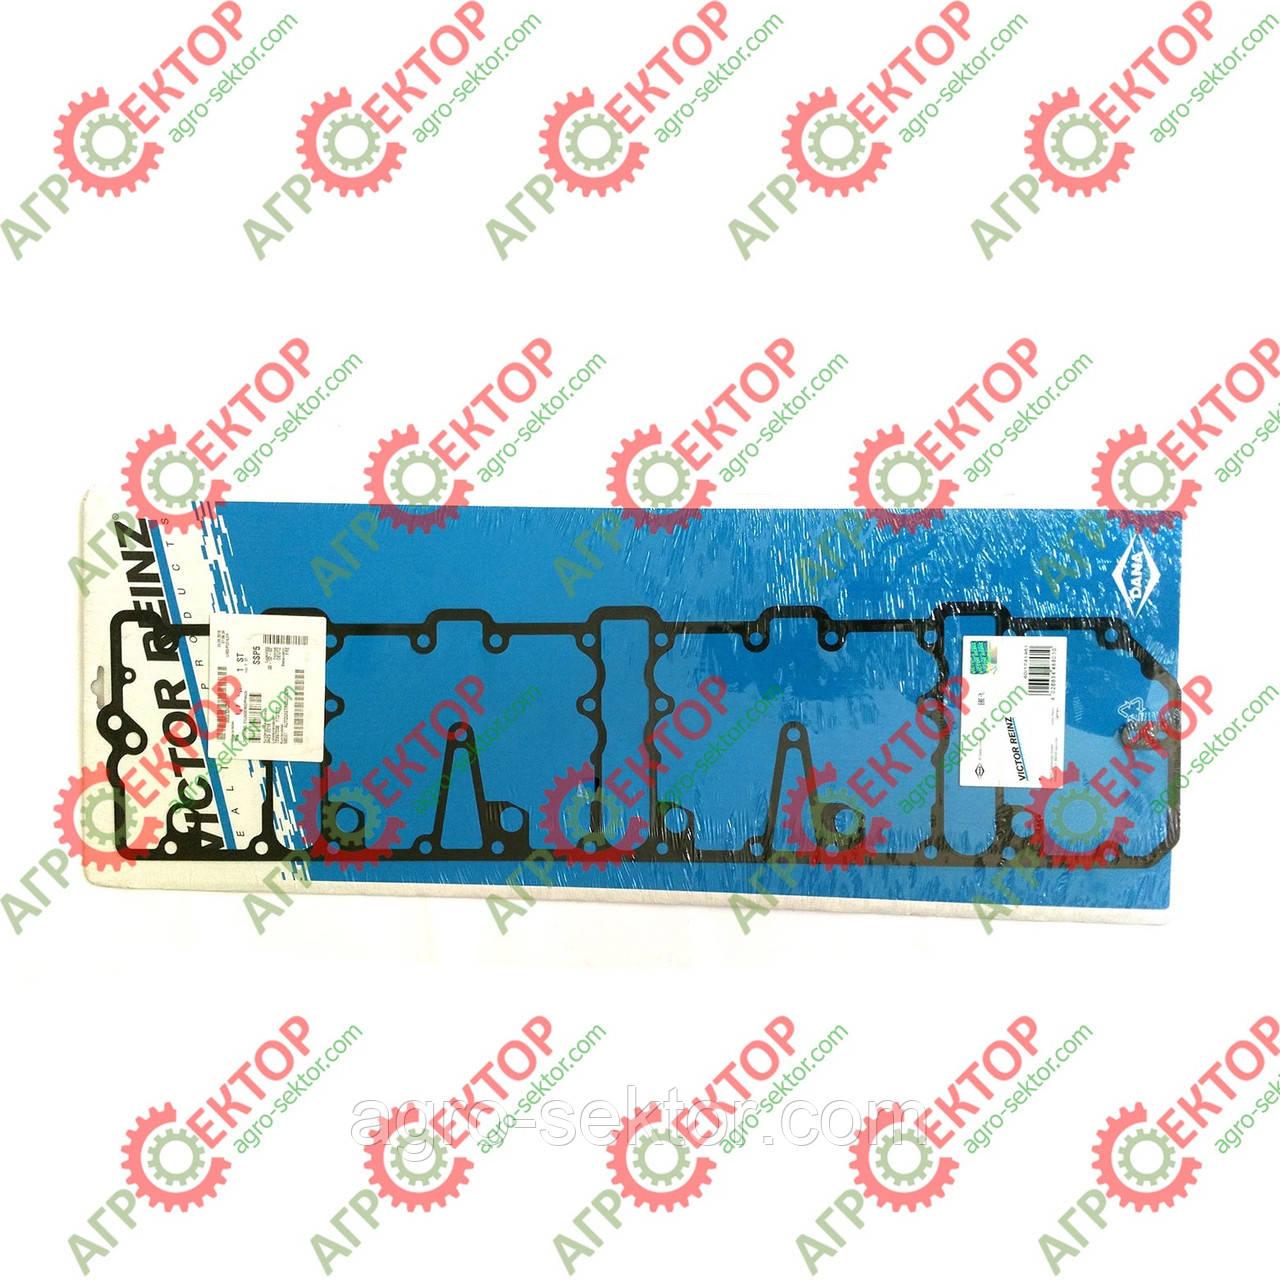 Прокладка ГБЦ двигуна Deutz TCD 2012 /TCD 2013 04252218 F716201410100